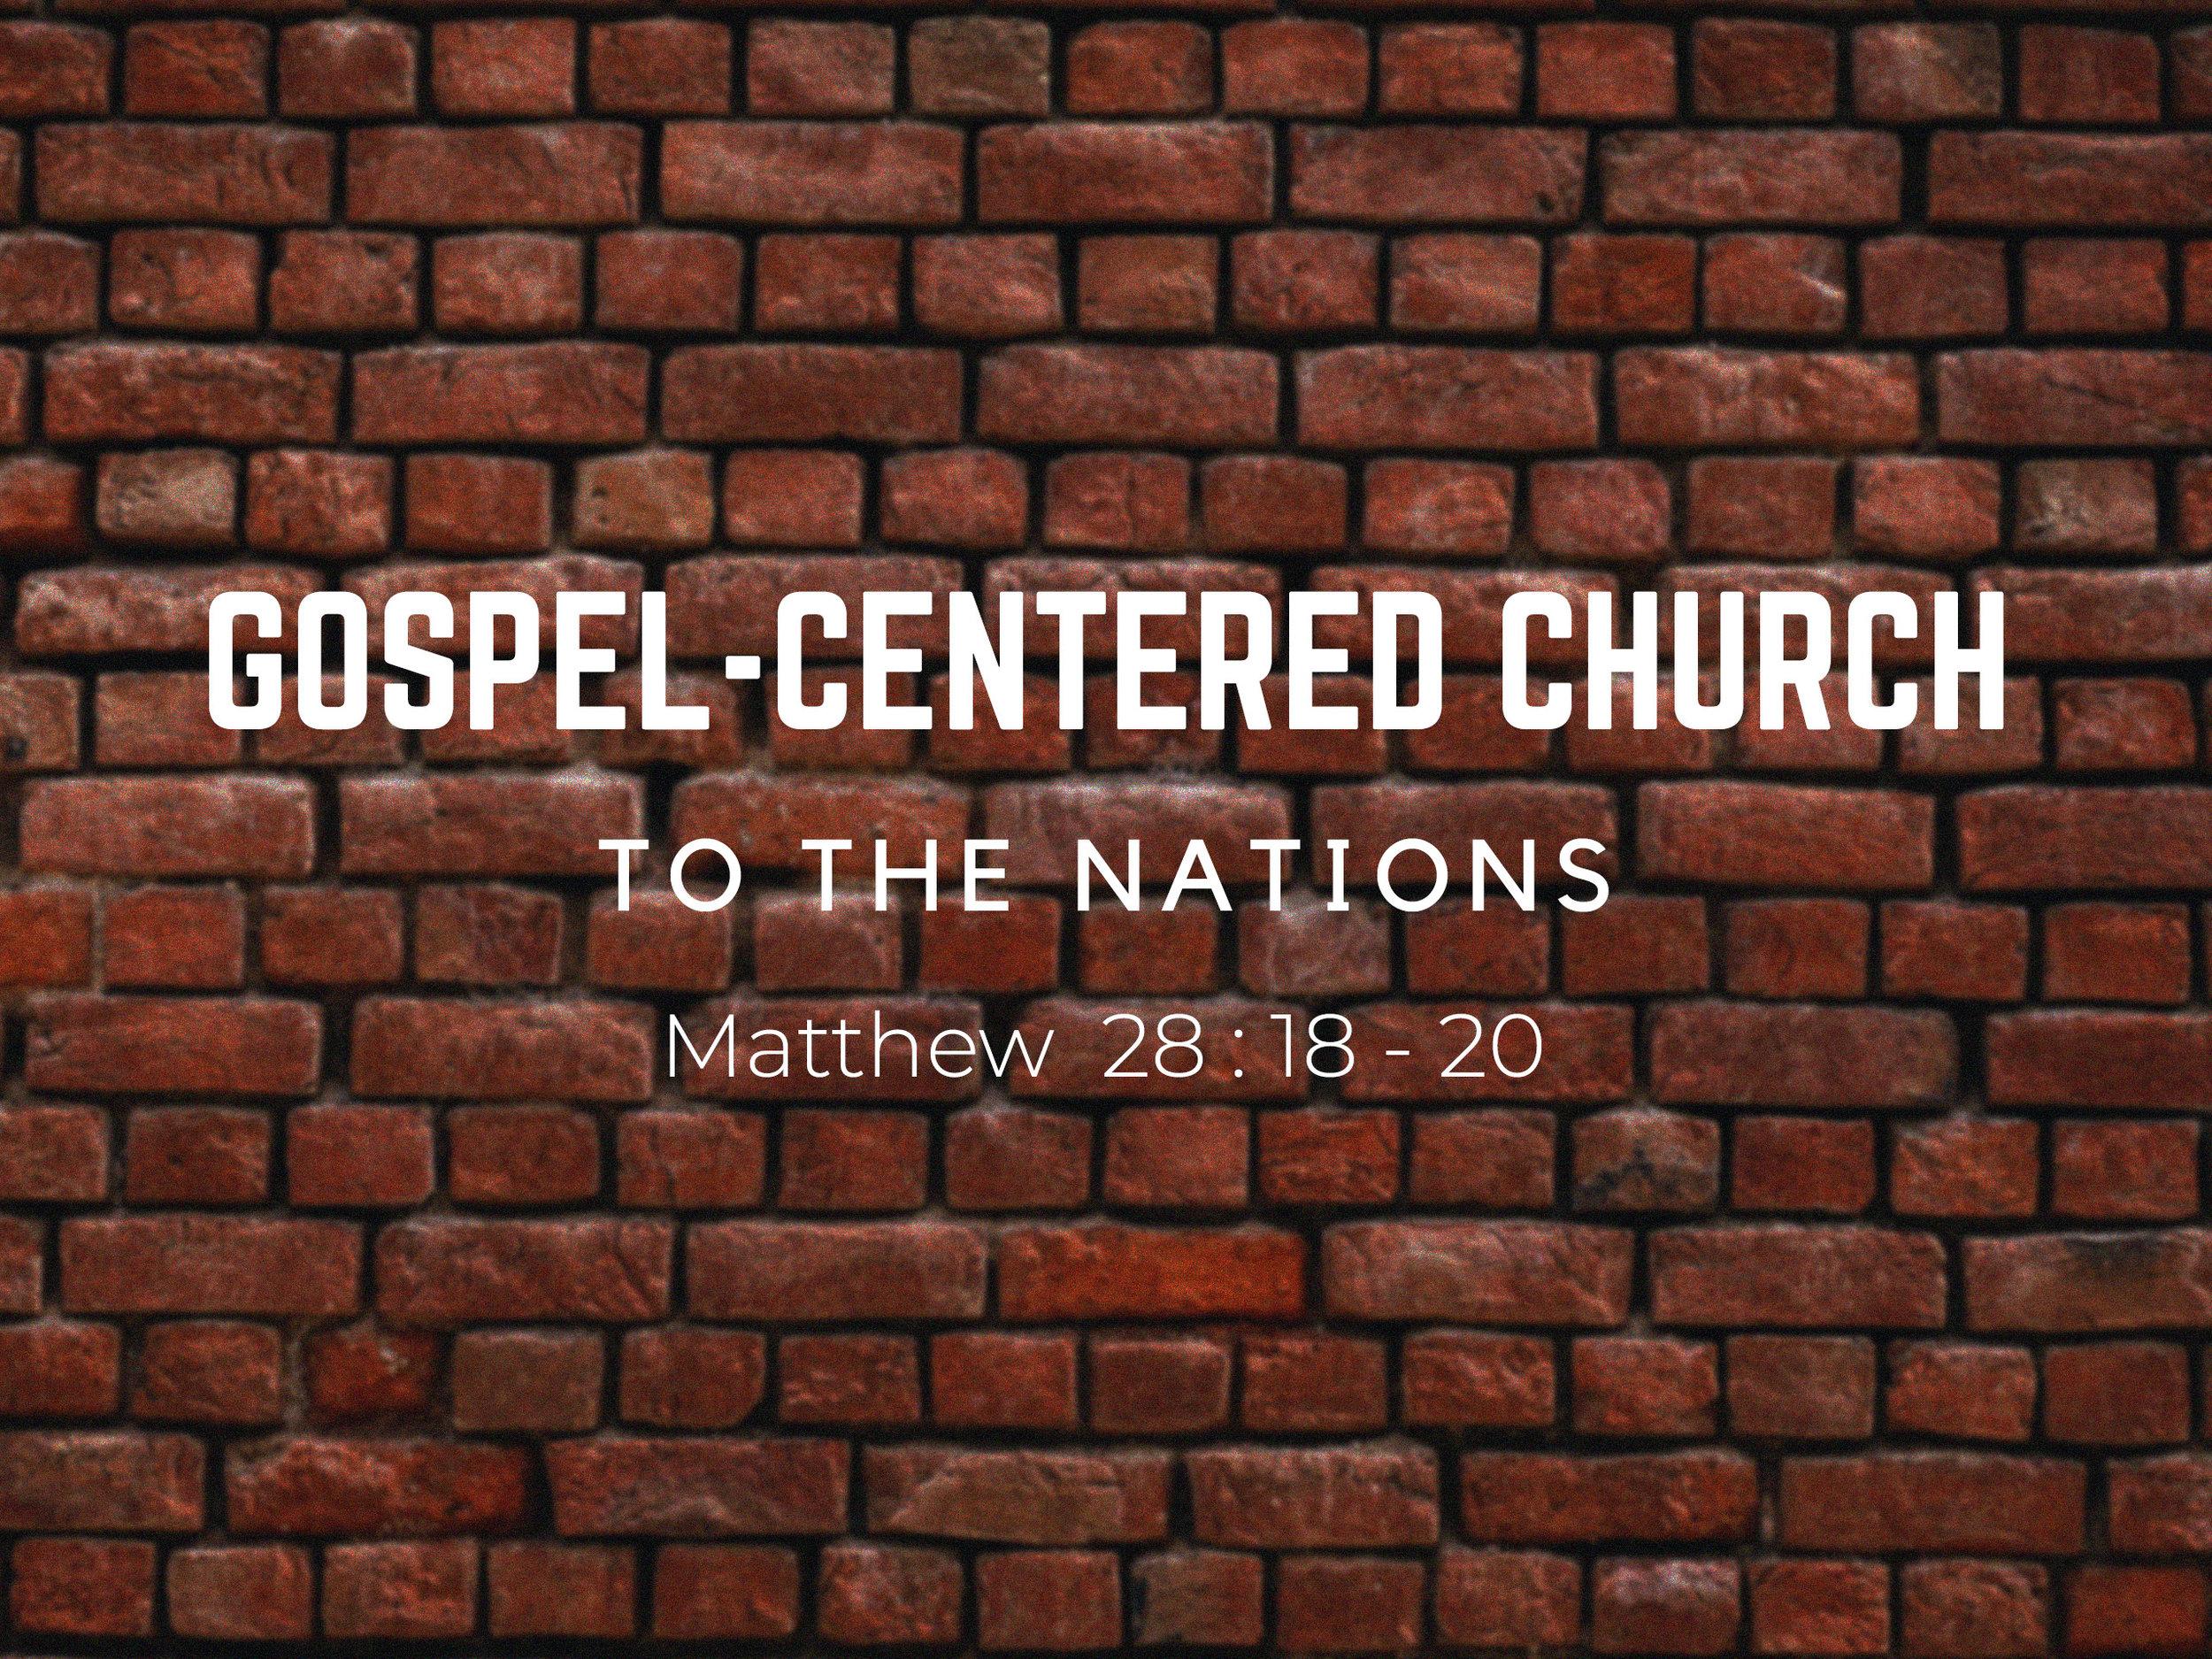 2019.01.27 Gospel Centered Church Sermon Slide.jpg